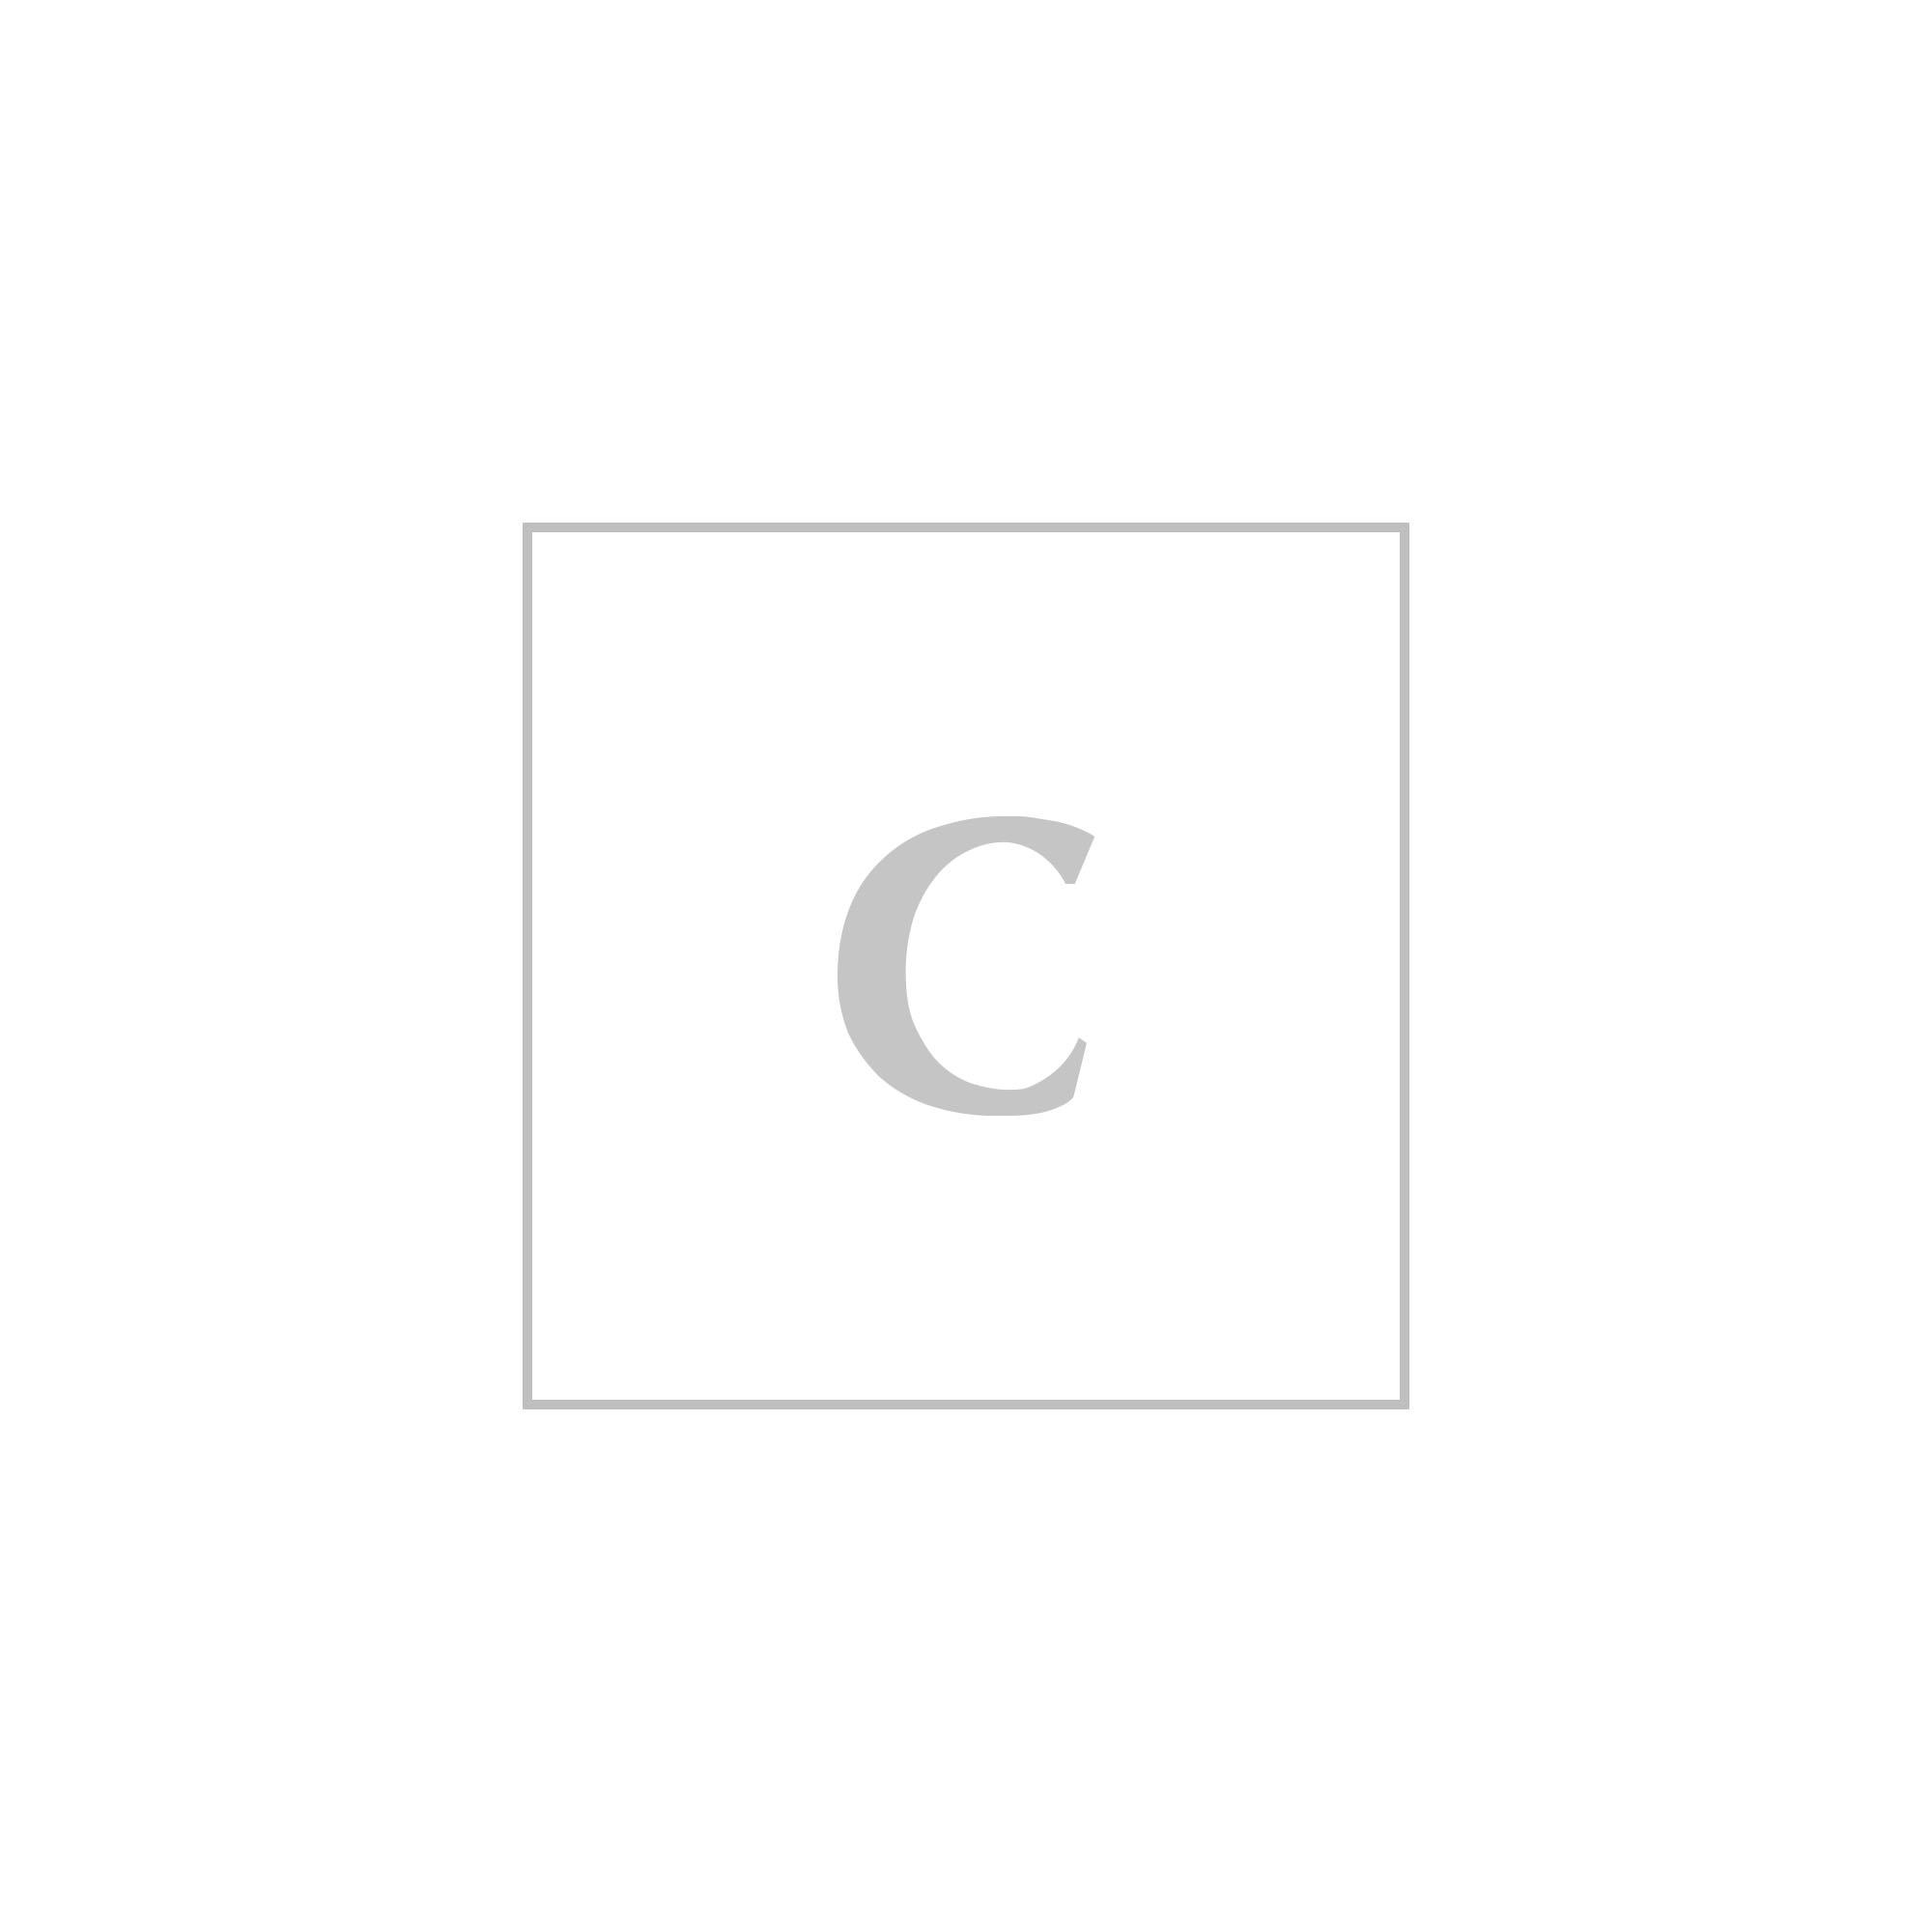 f753dea4e0 Women Kenzo T-shirts White | Coltorti Boutique